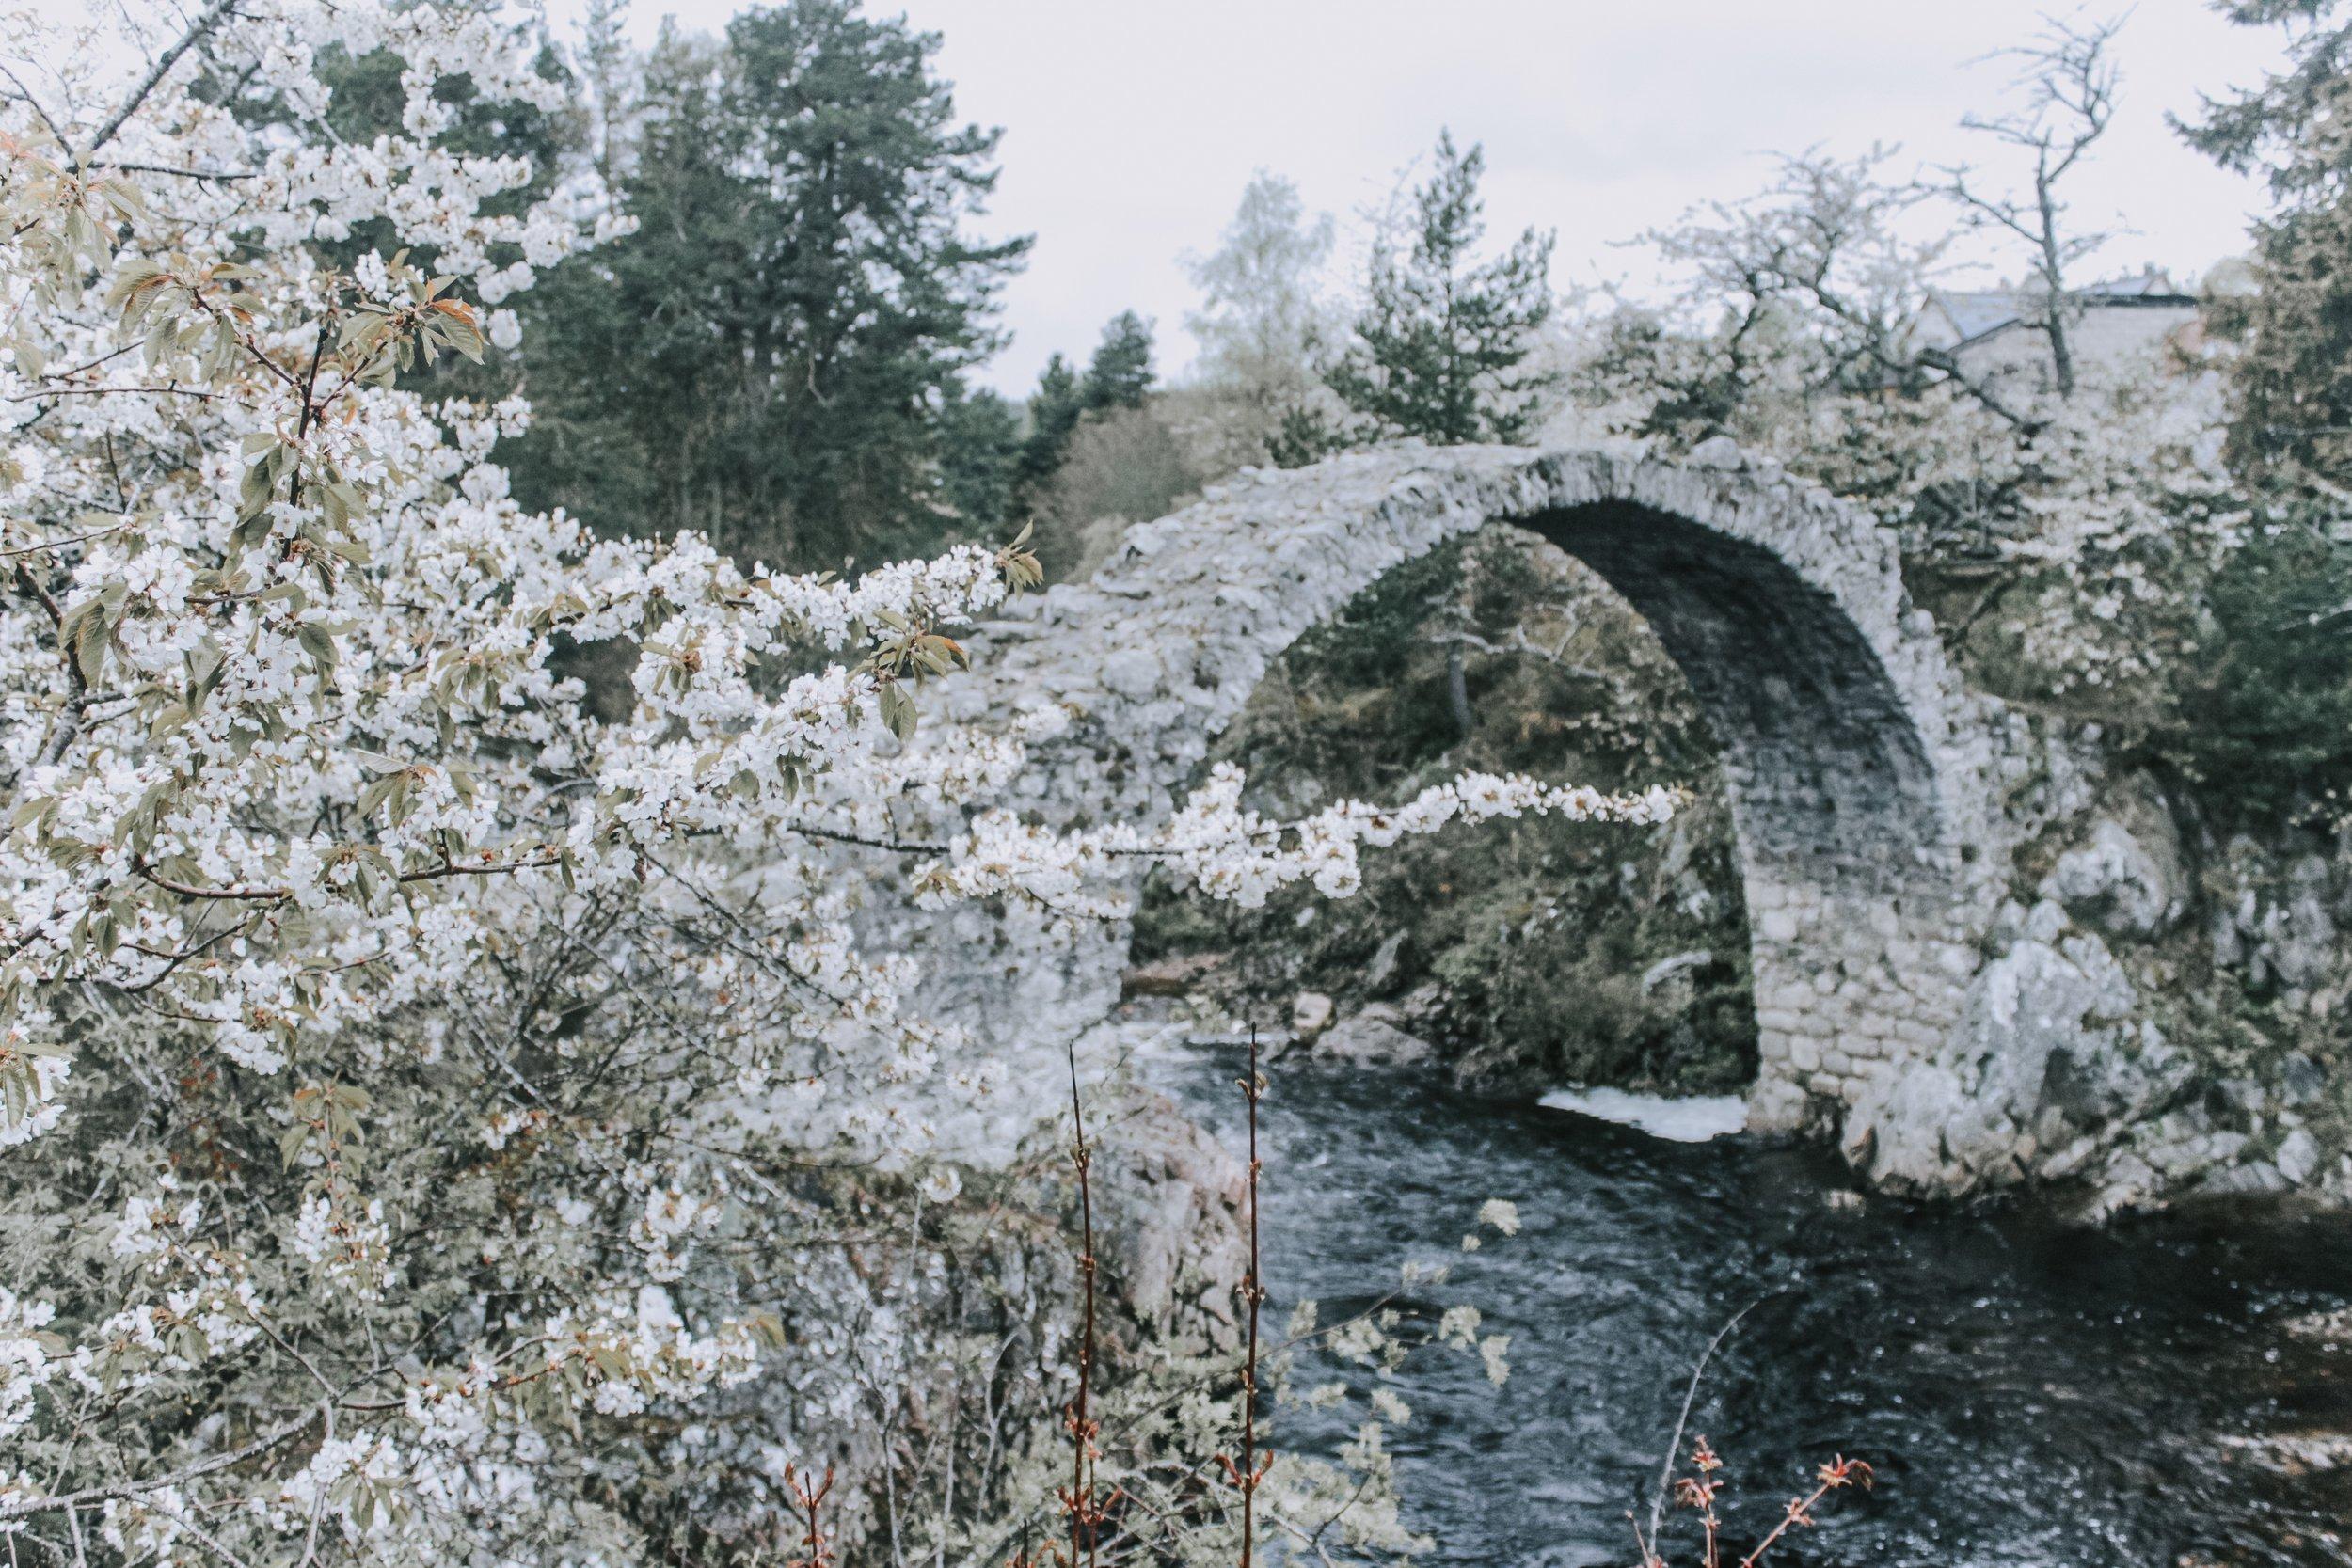 carrbridge bridge.jpg